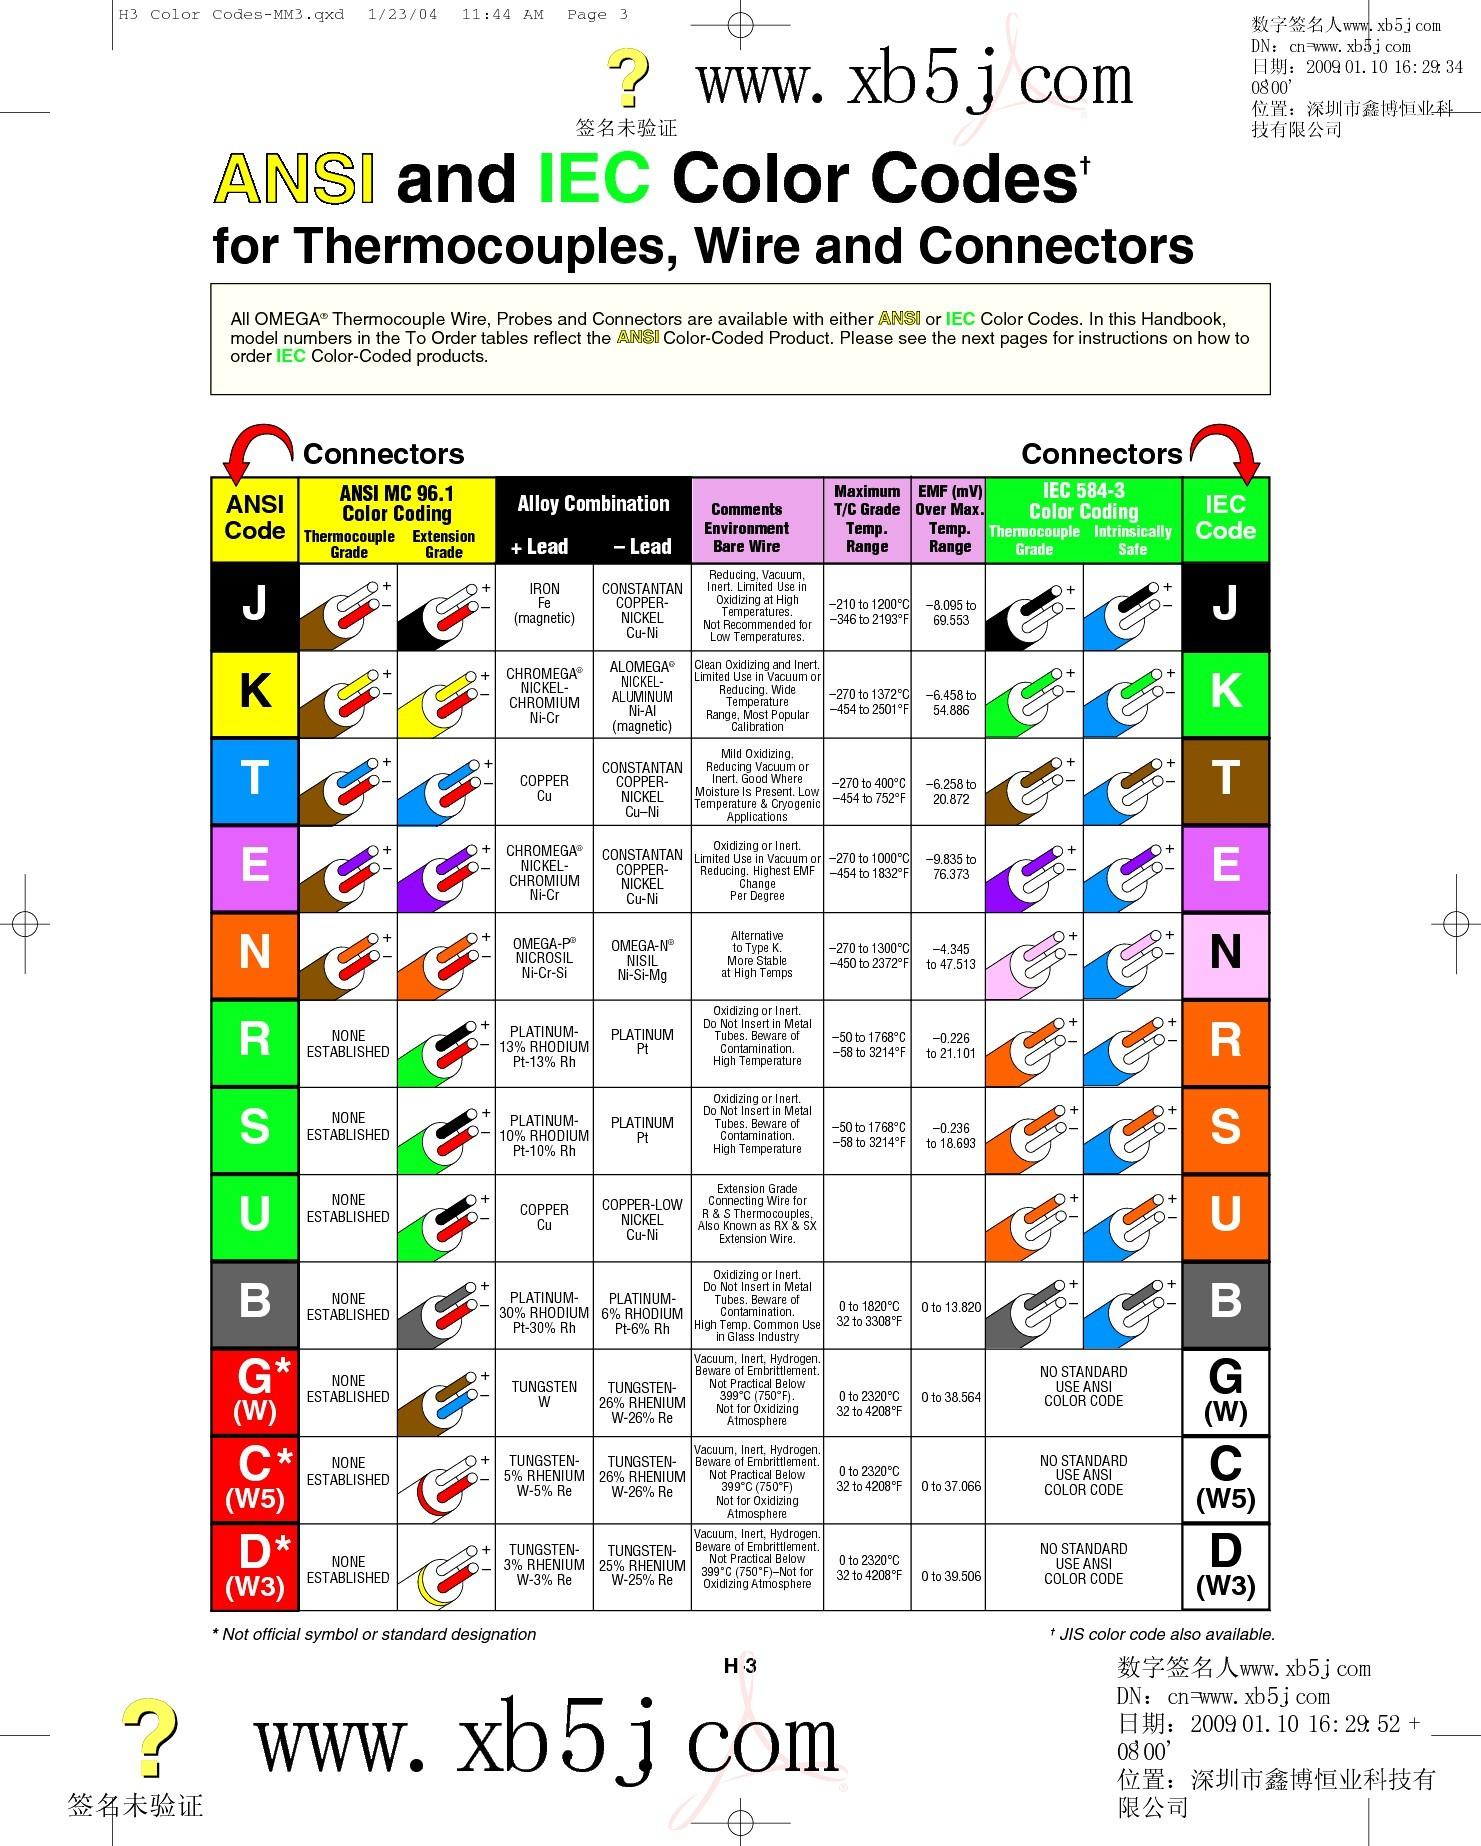 Kenwood Kdc Mp345u Wiring Diagram Elegant | Wiring Diagram Image on kenwood car audio wiring colors, kenwood kdc 138 wiring, kenwood kdc-248u wiring-diagram, kenwood kdc 210u wiring diagrams, kenwood kdc 255u wiring harness colors, car stereo wiring diagram, kenwood kdc 132 wiring-diagram, kenwood harness diagram, kenwood kdc mp345u protect mode, kenwood cd player wiring-diagram, kenwood kdc-152 wiring-diagram, tachometer wiring diagram, kenwood car amp wiring, kenwood kdc 205 wiring-diagram, kenwood kdc 128 wiring harness, kenwood kdc mp435u wiring-diagram, kenwood radio wiring colors, kenwood car stereo kdc-248u wiring dia,